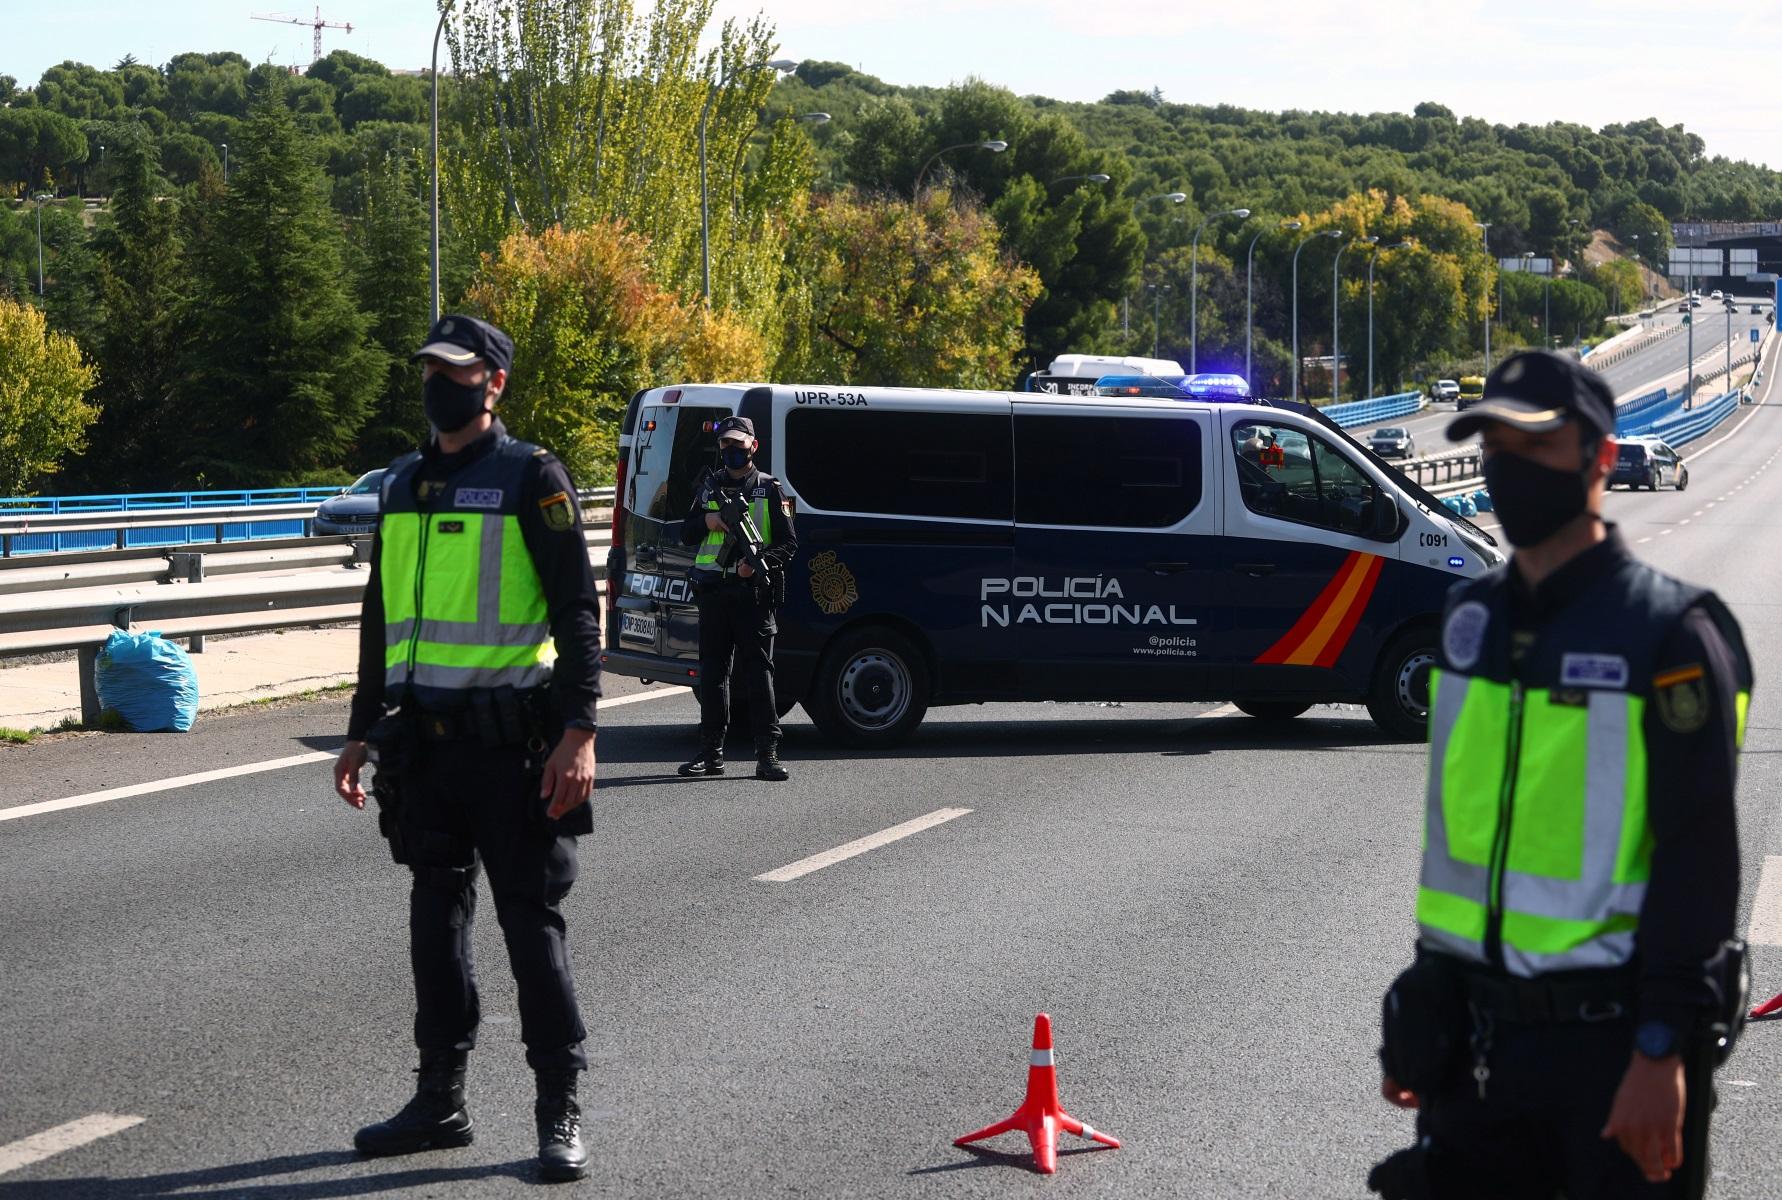 Κορονοϊός: Μύλος στη Μαδρίτη – Δικαστήριο απέρριψε το μερικό lockdown